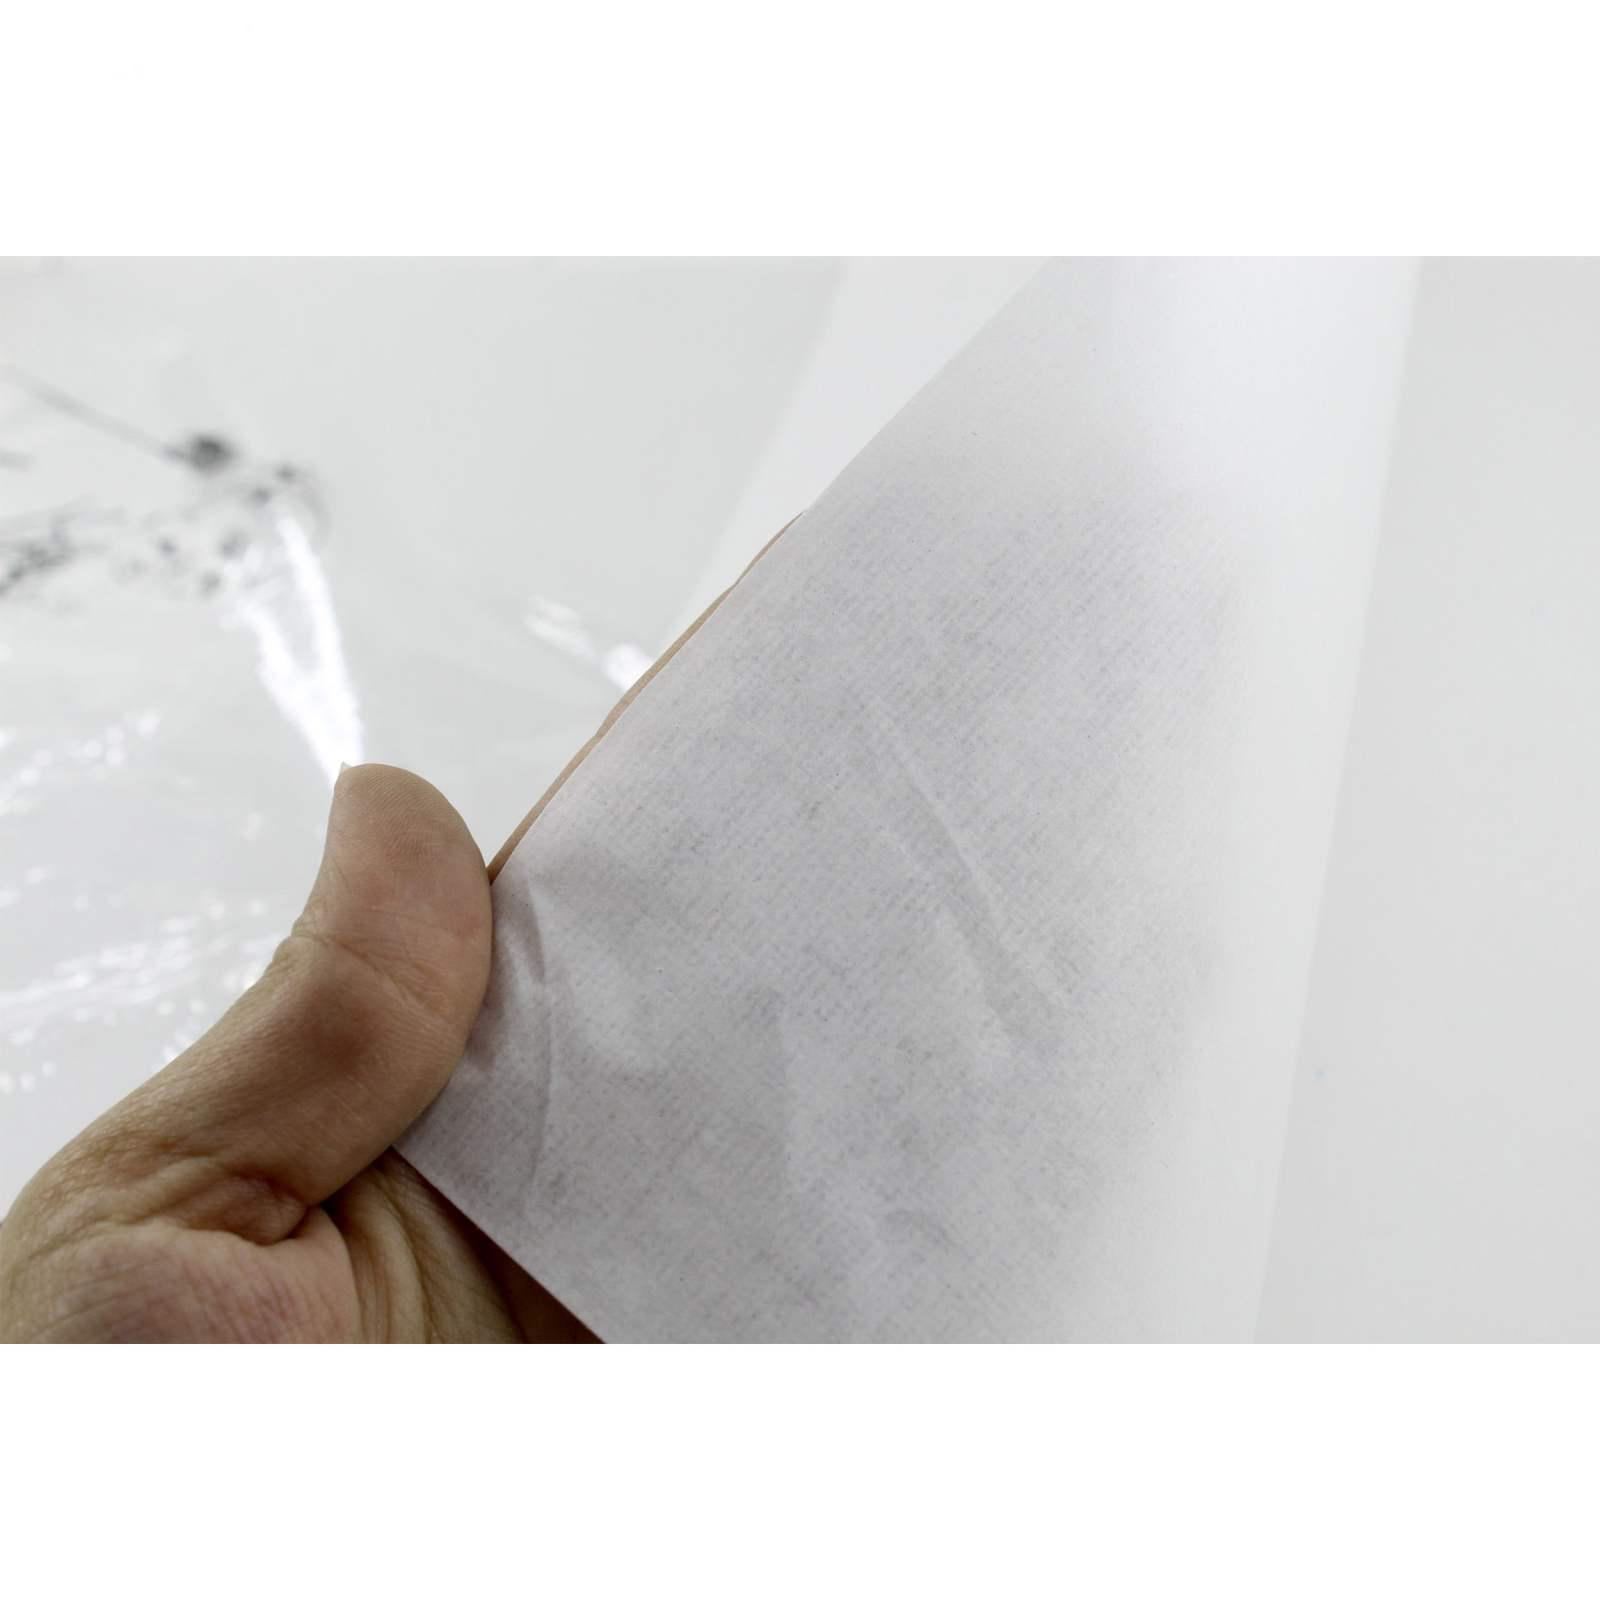 کاغذ طراحی در سایت بیاتوتخفیف